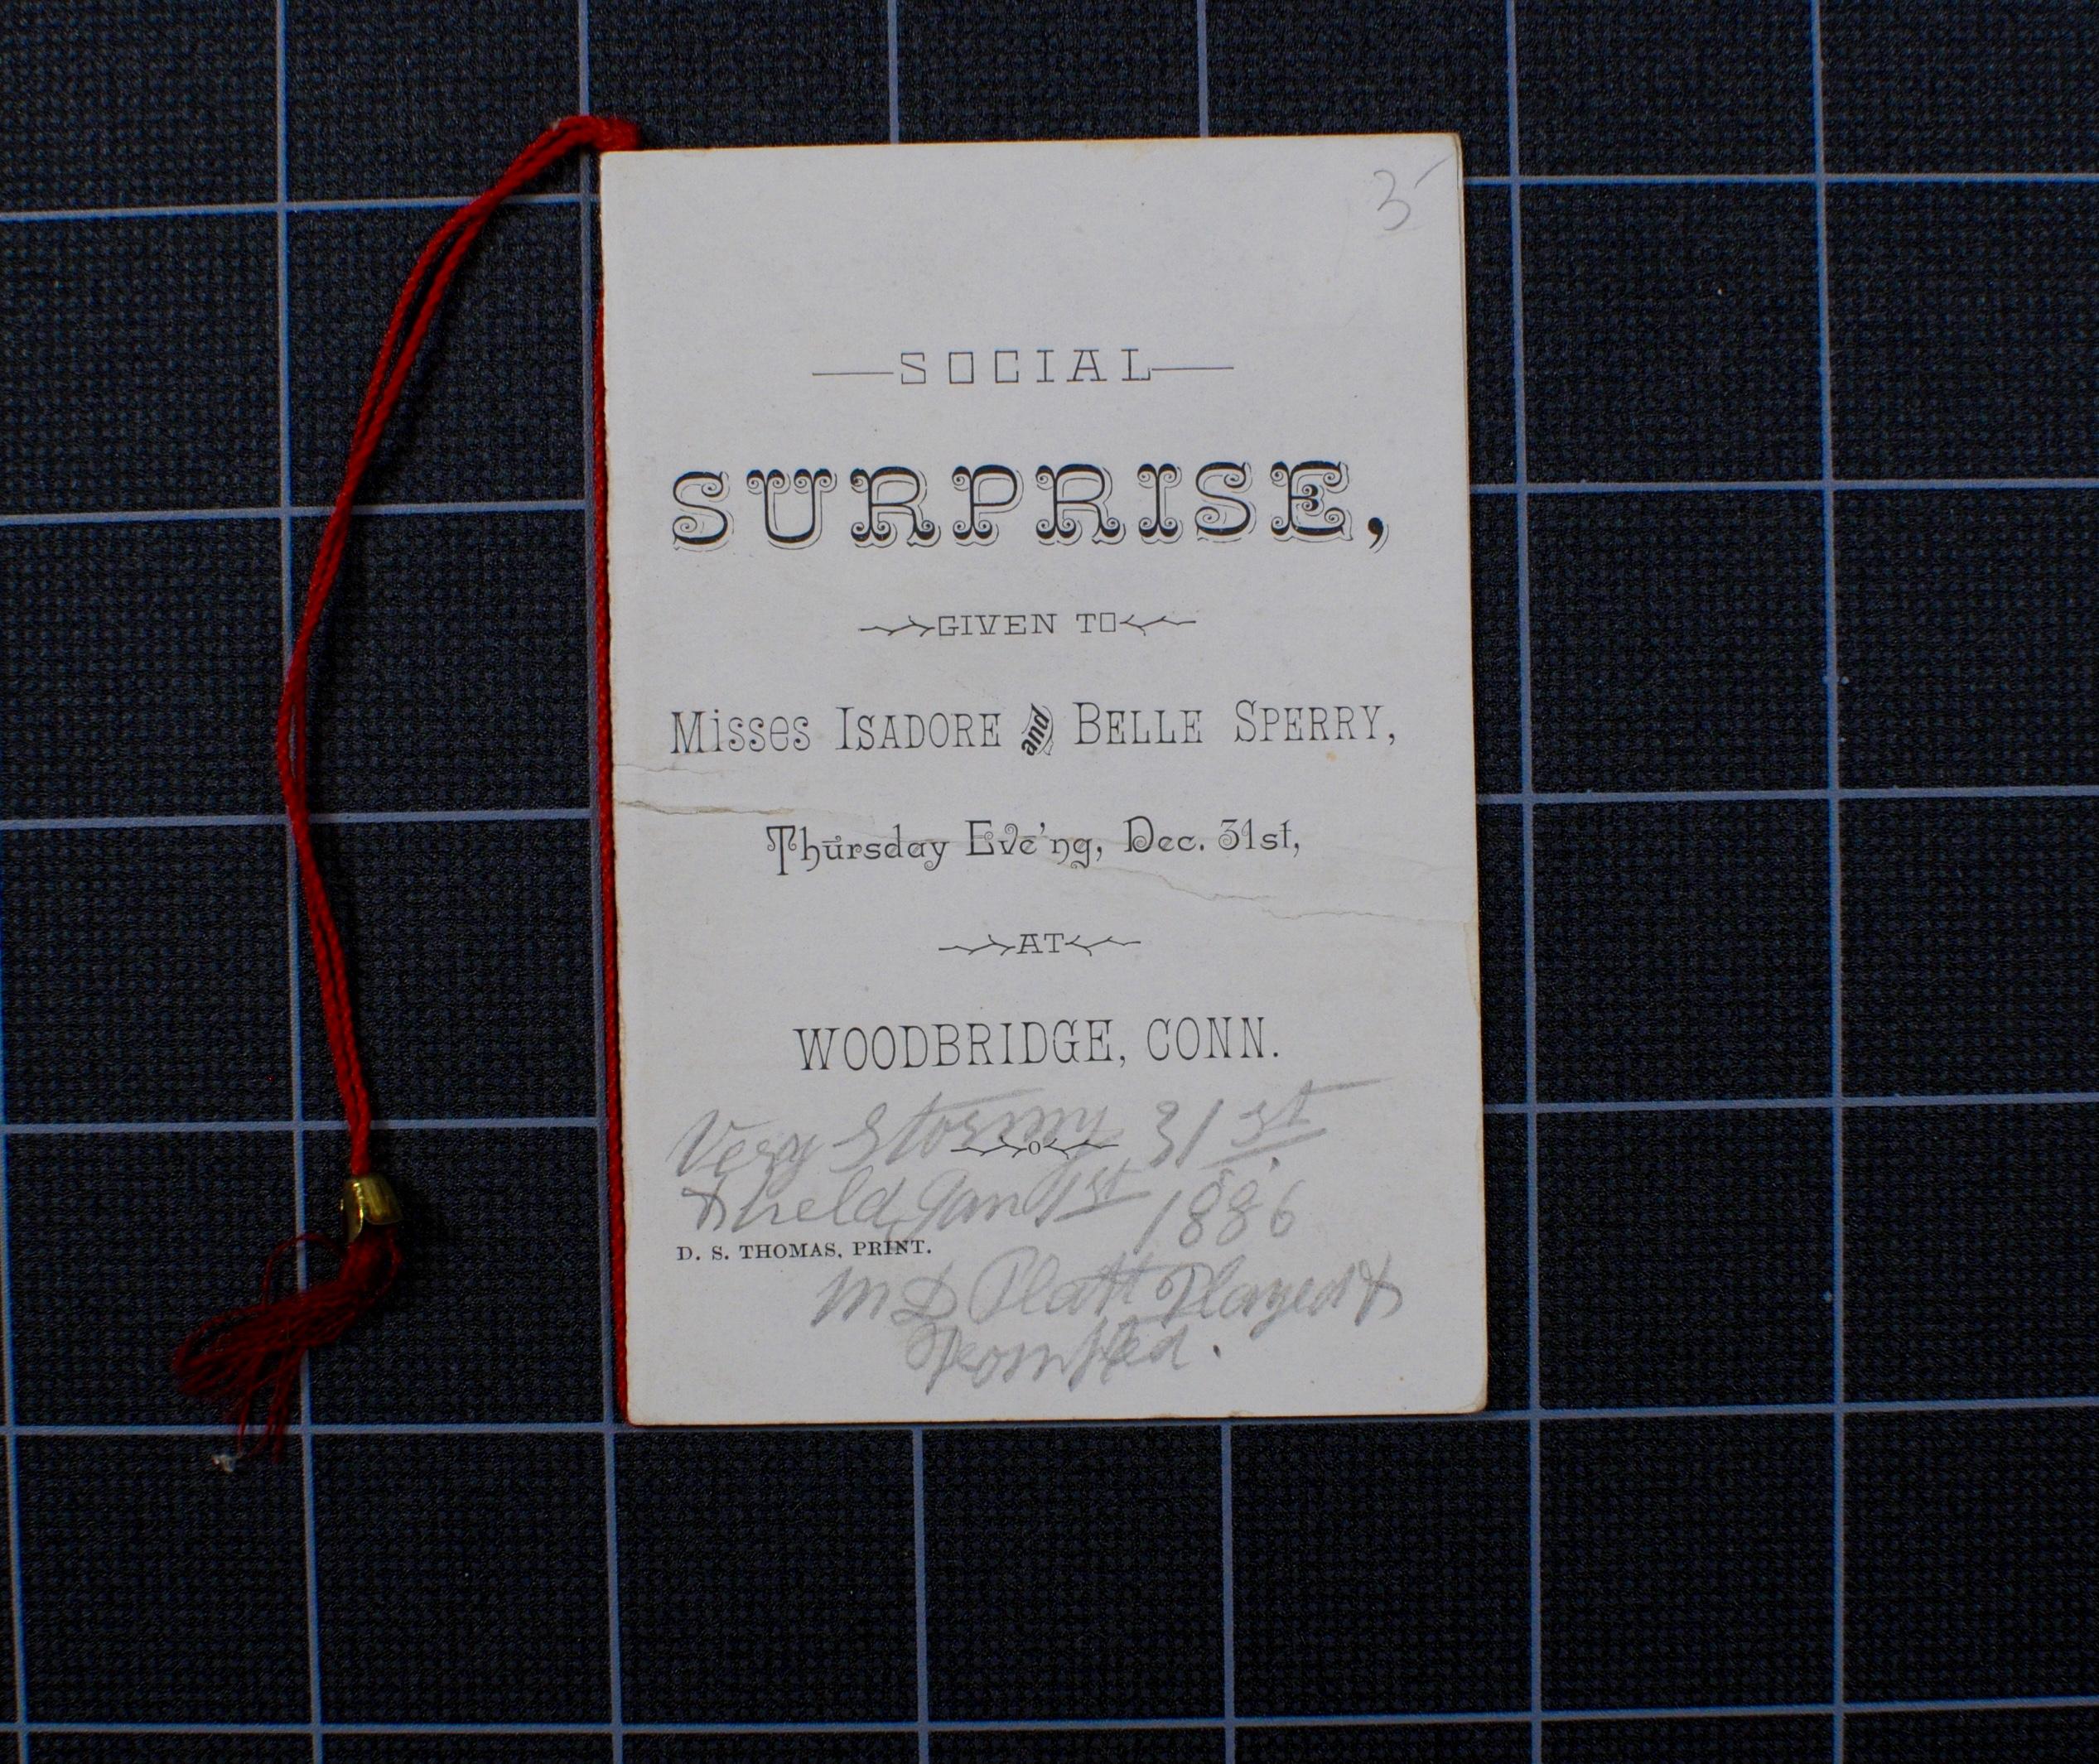 Social Surprise (1886)